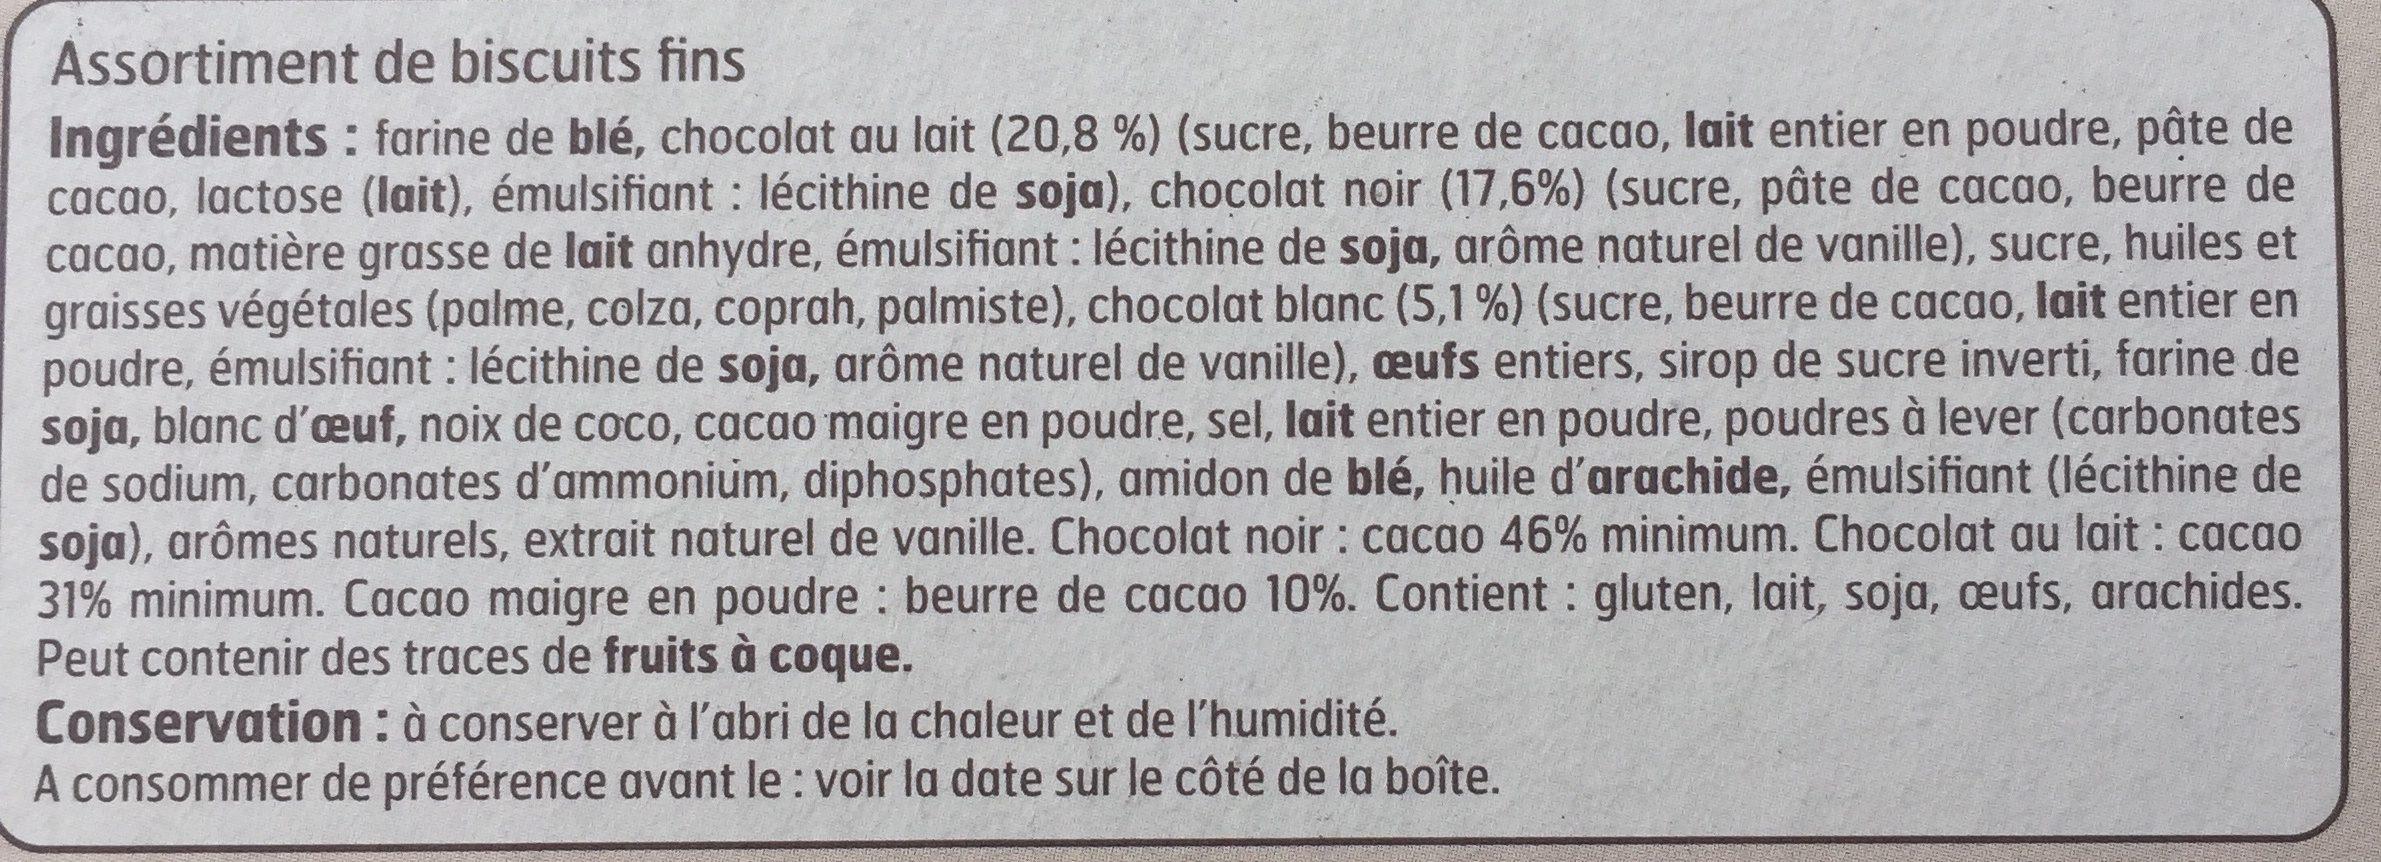 Assortiment de Biscuits Fins - Ingrediënten - fr